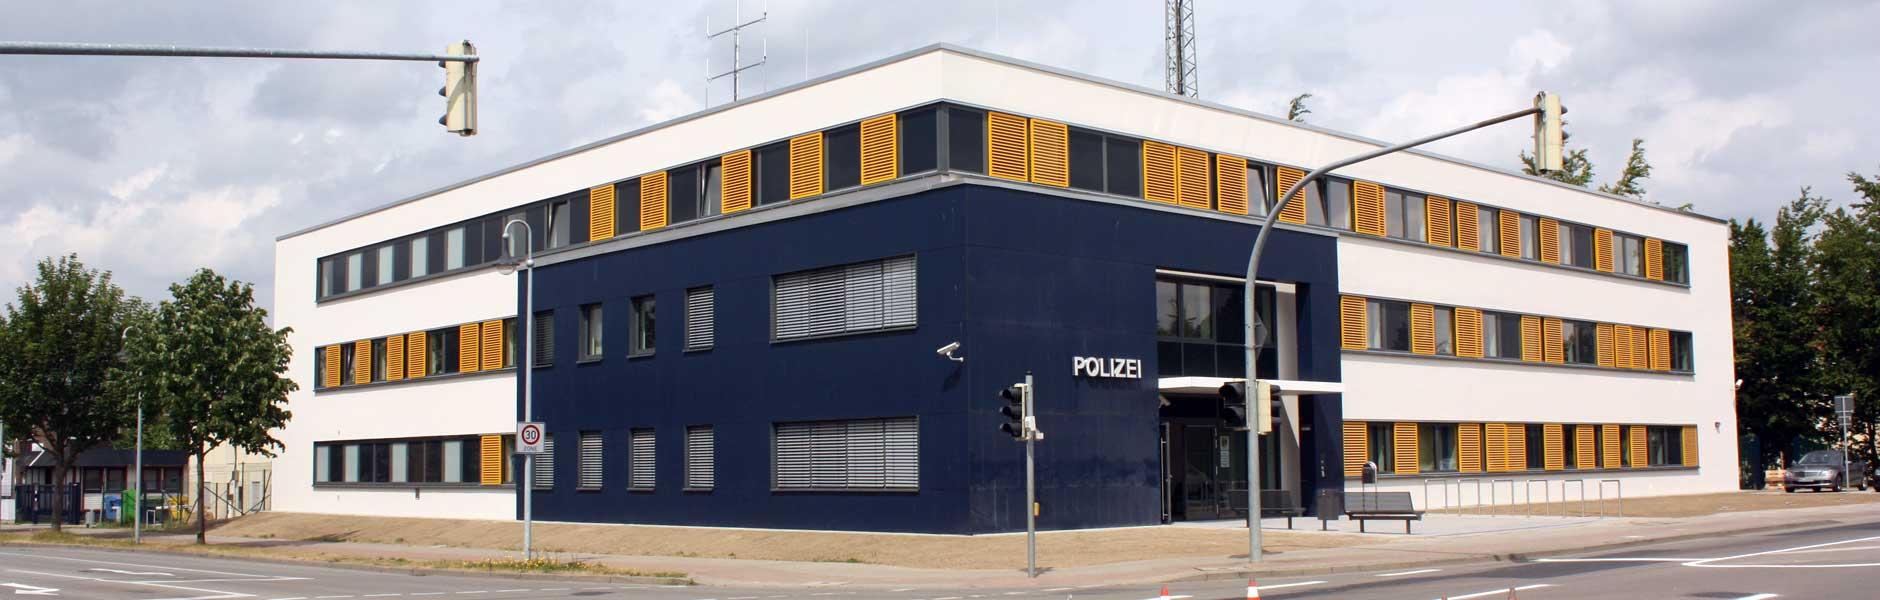 Neubau eines Polizeireviers, Kriminalkommisariat- und Wasserschutzpolizeiinspektion in Wolgast